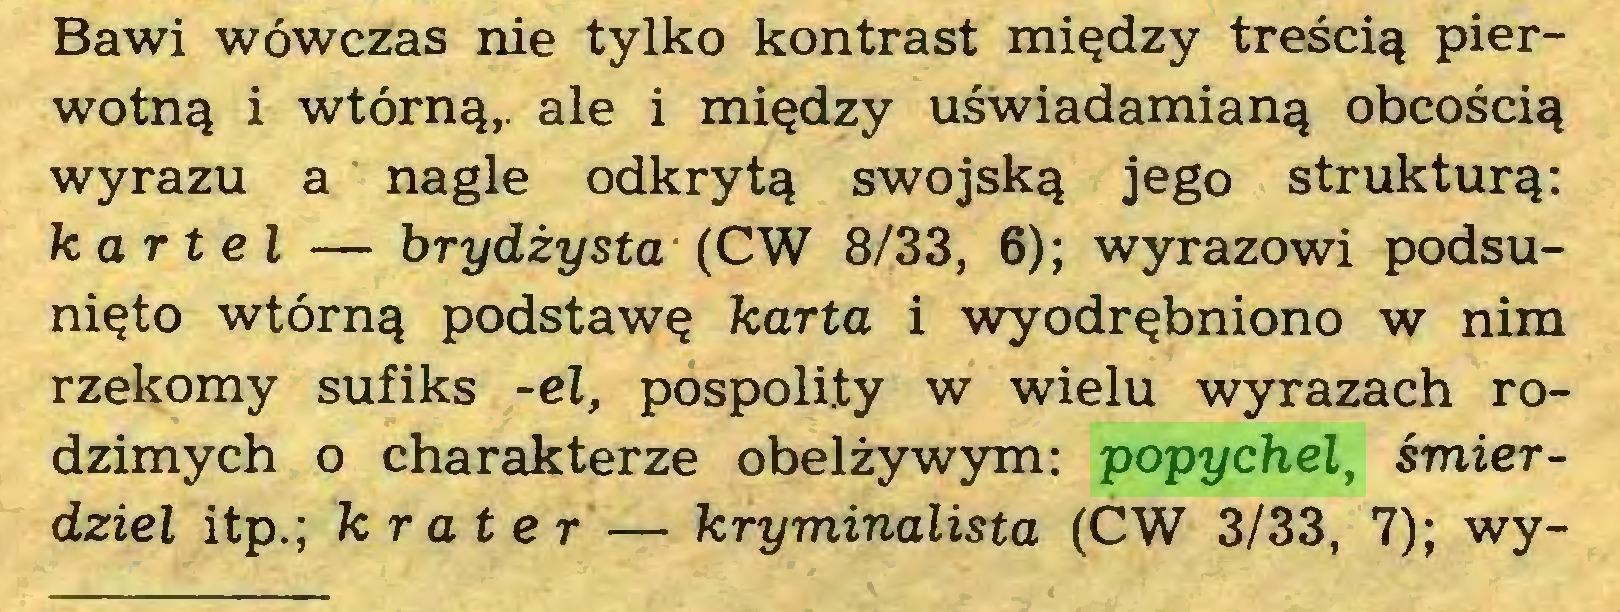 (...) Bawi wówczas nie tylko kontrast między treścią pierwotną i wtórną,, ale i między uświadamianą obcością wyrazu a nagle odkrytą swojską jego strukturą: kartel — brydżysta (CW 8/33, 6); wyrazowi podsunięto wtórną podstawę karta i wyodrębniono w nim rzekomy sufiks -el, pospolity w wielu wyrazach rodzimych o charakterze obelżywym: popychel, śmierdziel itp.; krater — kryminalista (CW 3/33, 7); wy...